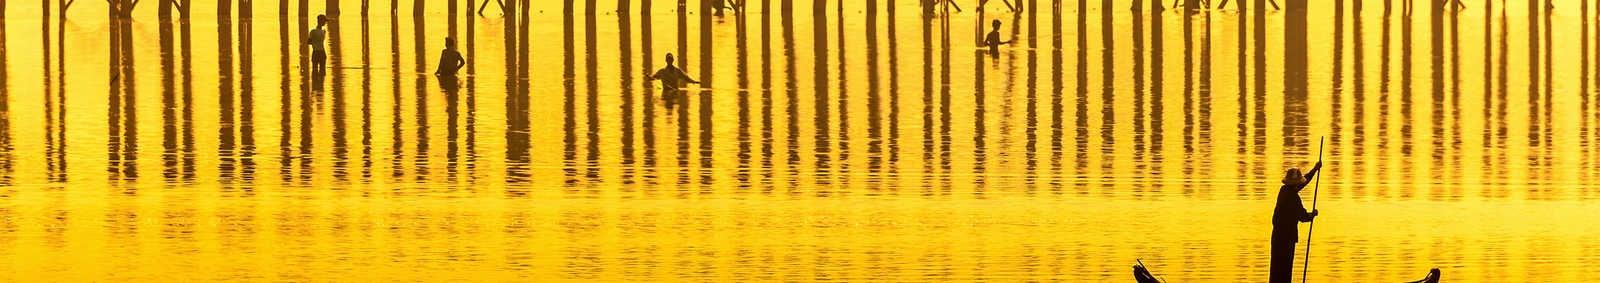 Sunset in U Bein bridge, Myanmar (Burma)